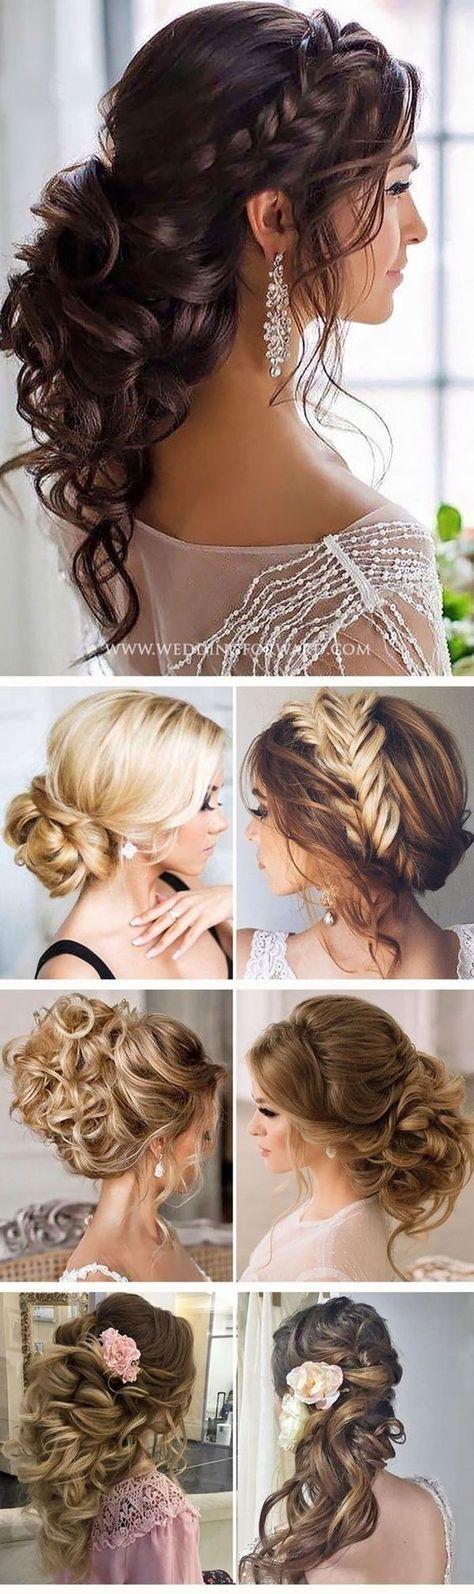 Hochzeit Frisur Hochsteckfrisuren Brautjungfern Brautjungfern Frisur Halblang Hochs Wedding Hair Inspiration Medium Length Hair Styles Medium Hair Styles